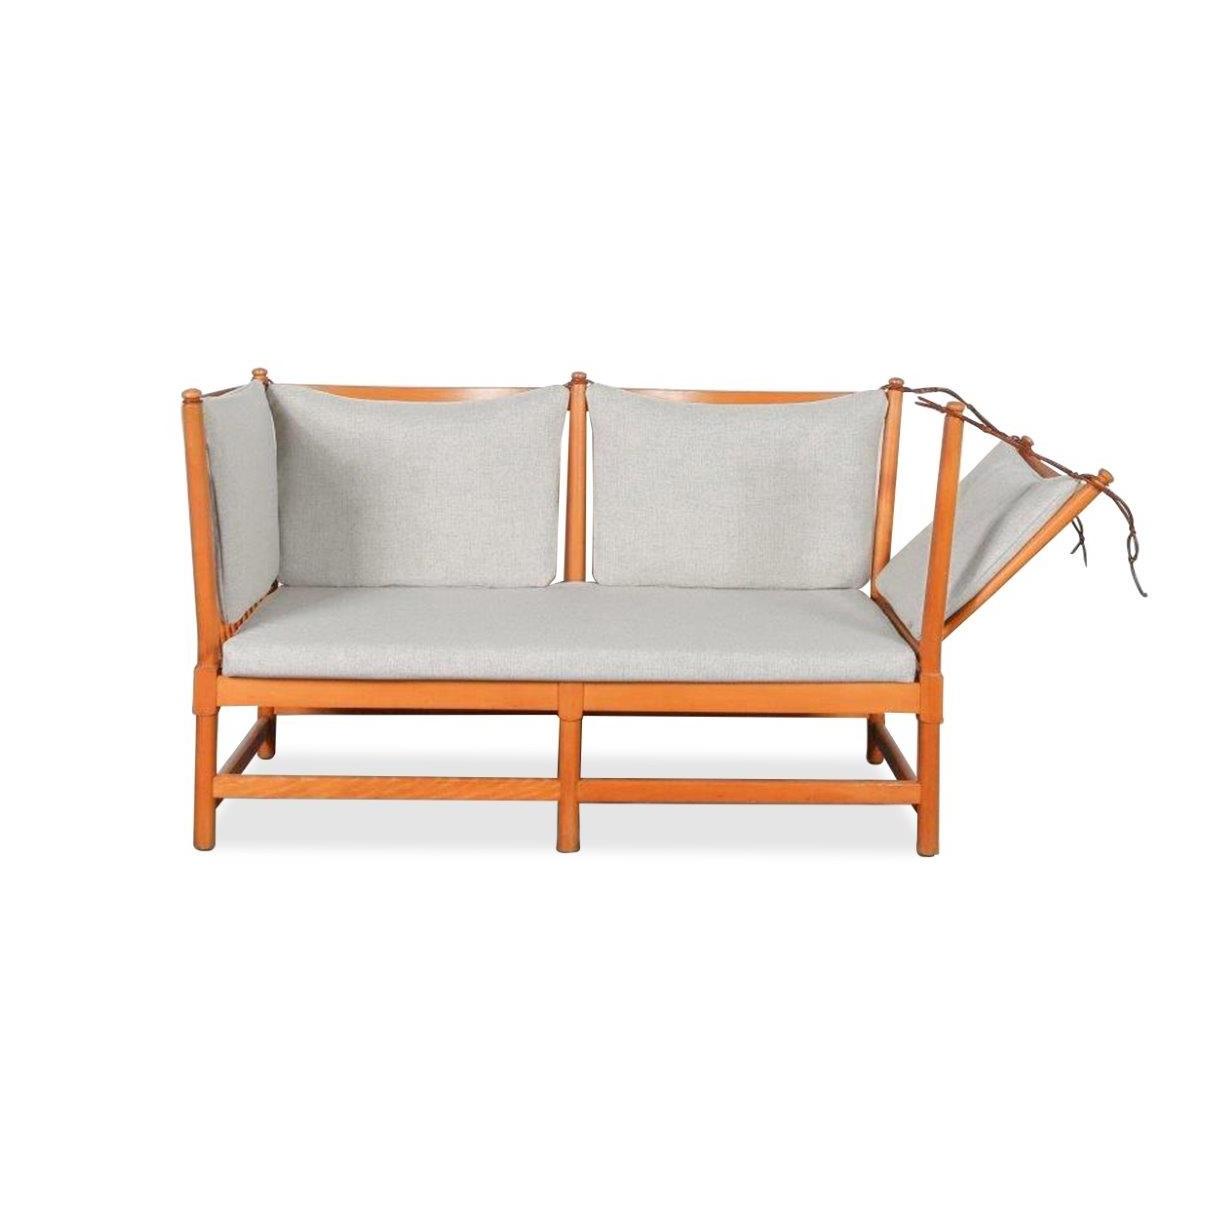 1963s Spokeback Sofa by Børge Mogensen for Fritz Hansen, Denmark